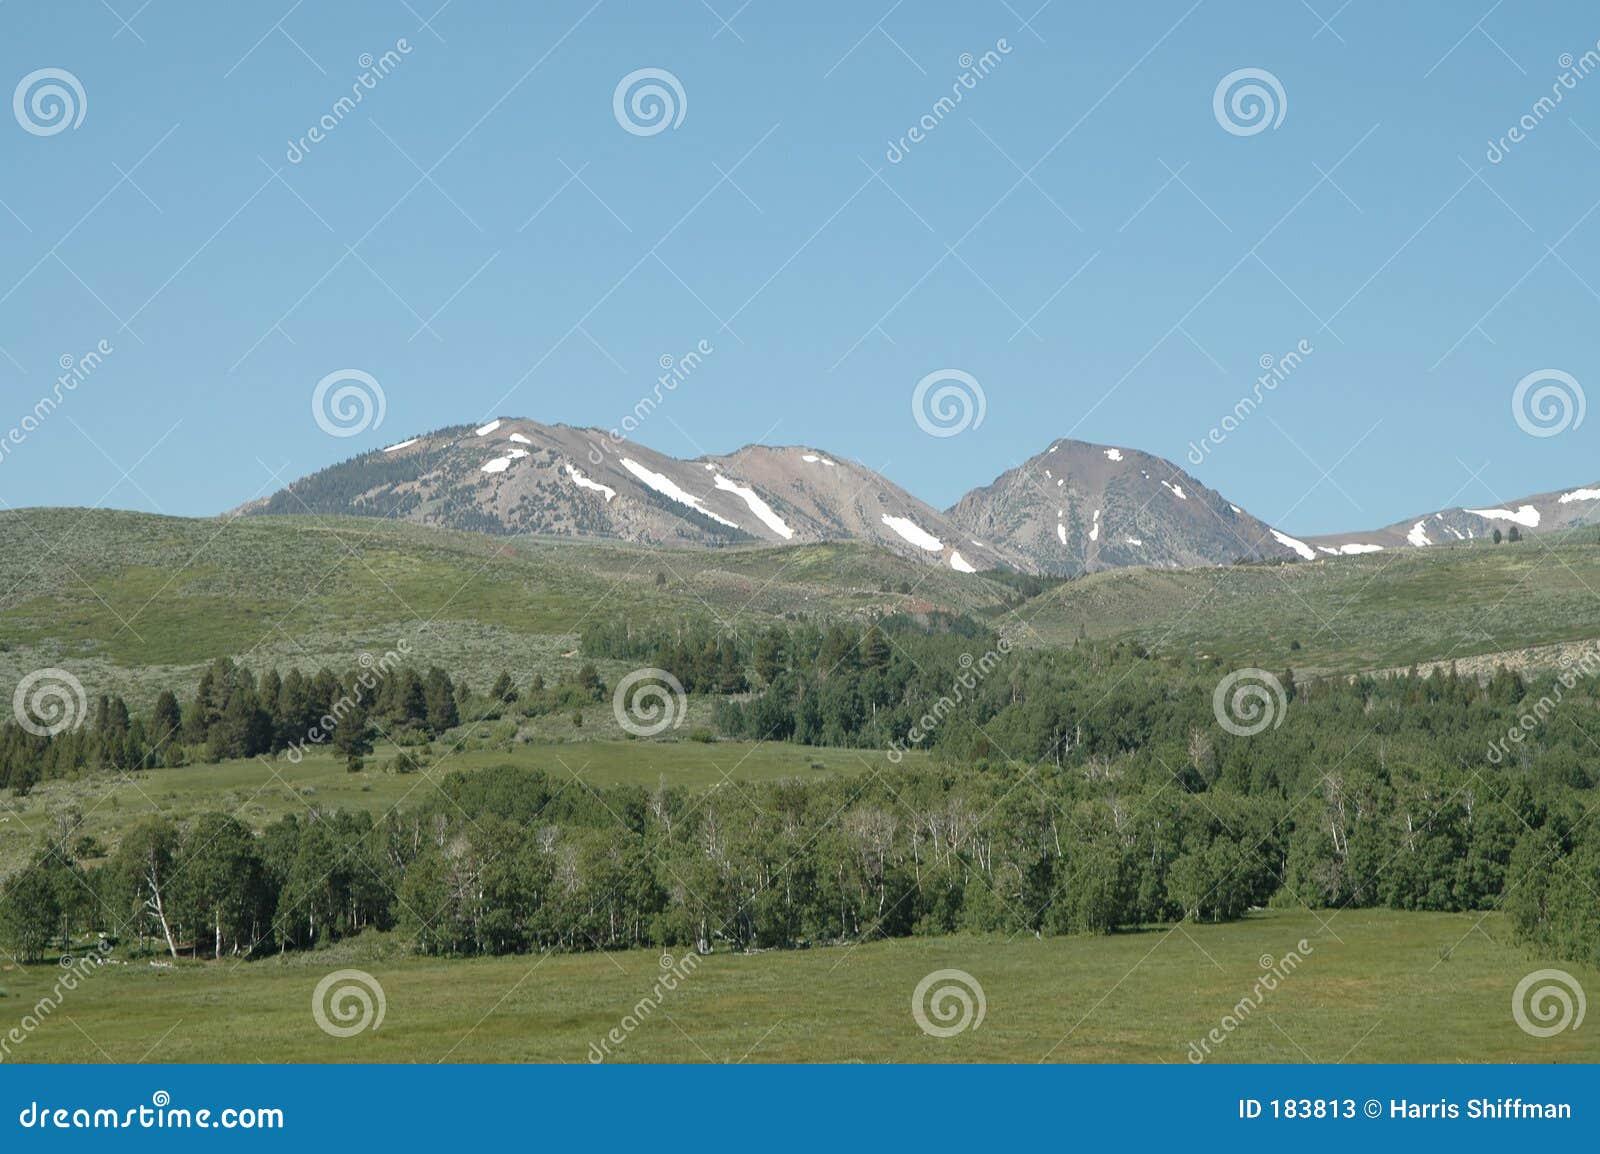 Sierra neige